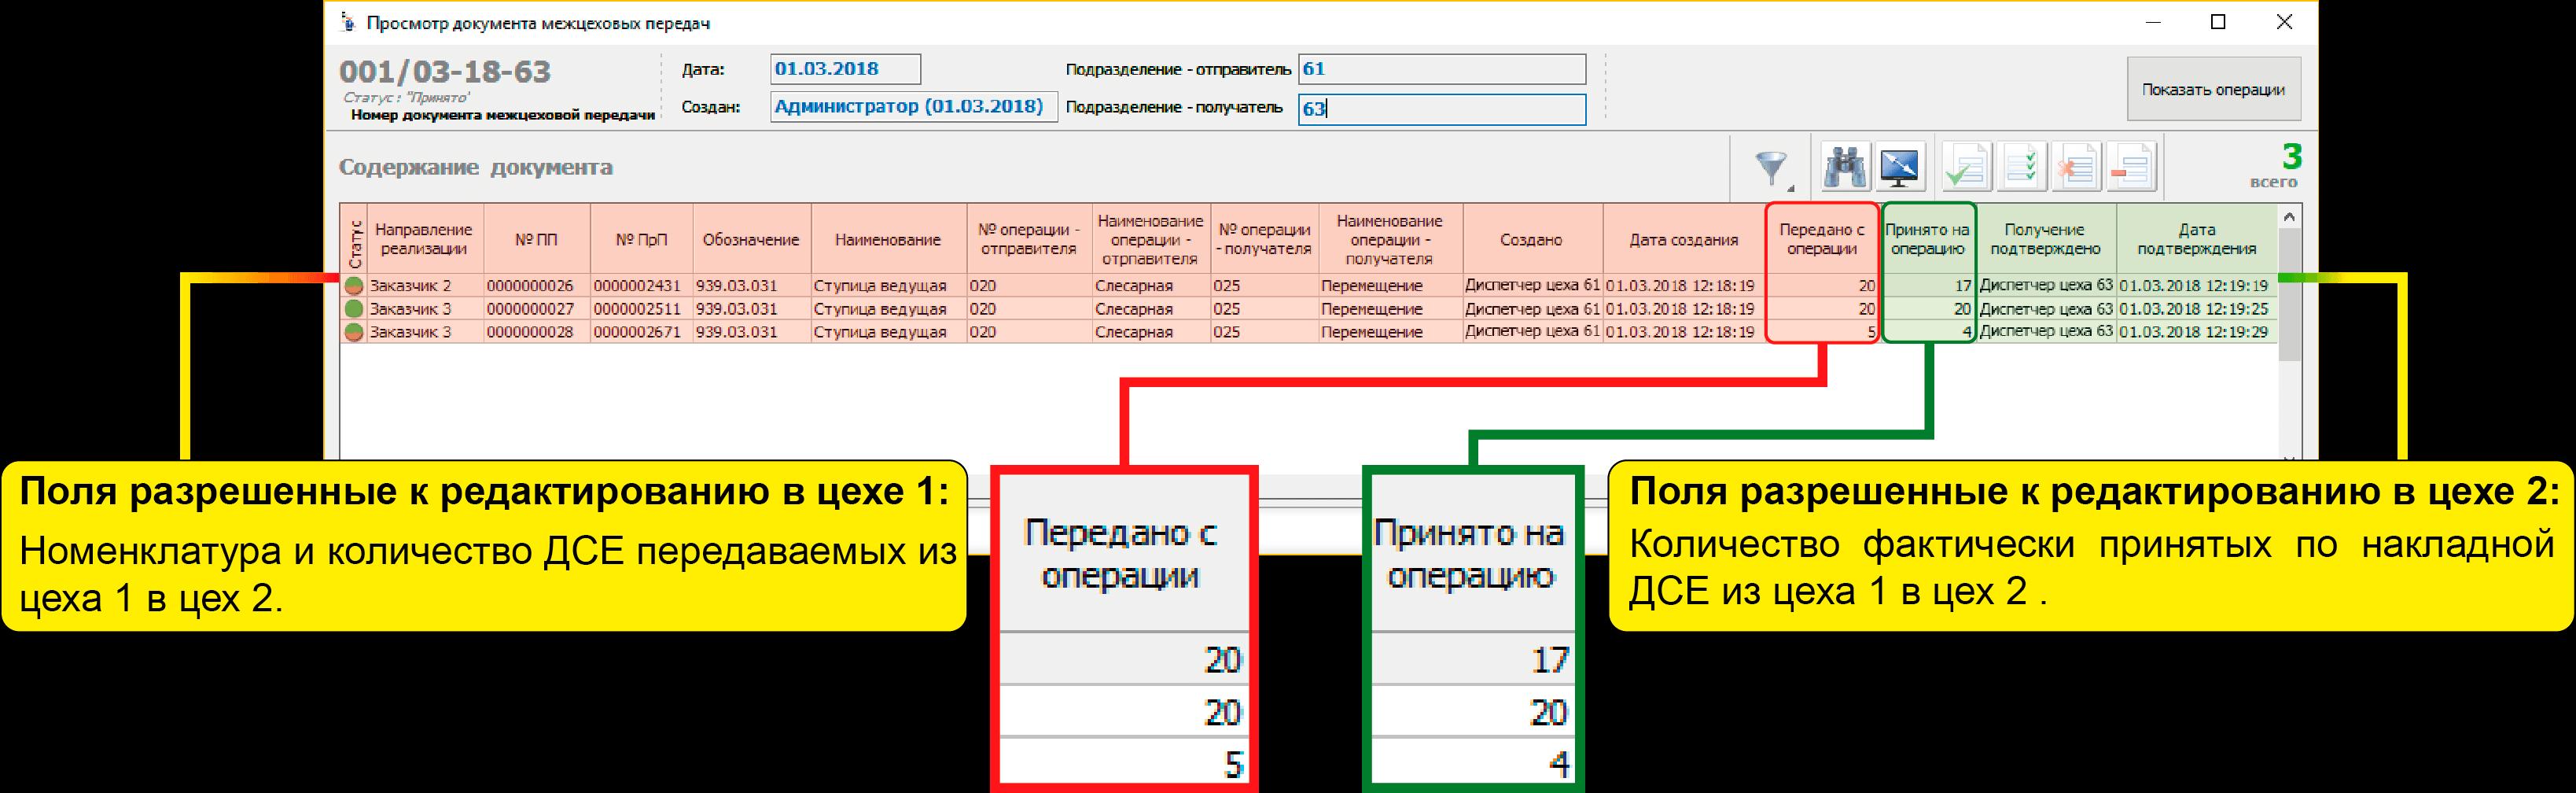 СПРУТ-ОКП планирование производства межцеховые передачи